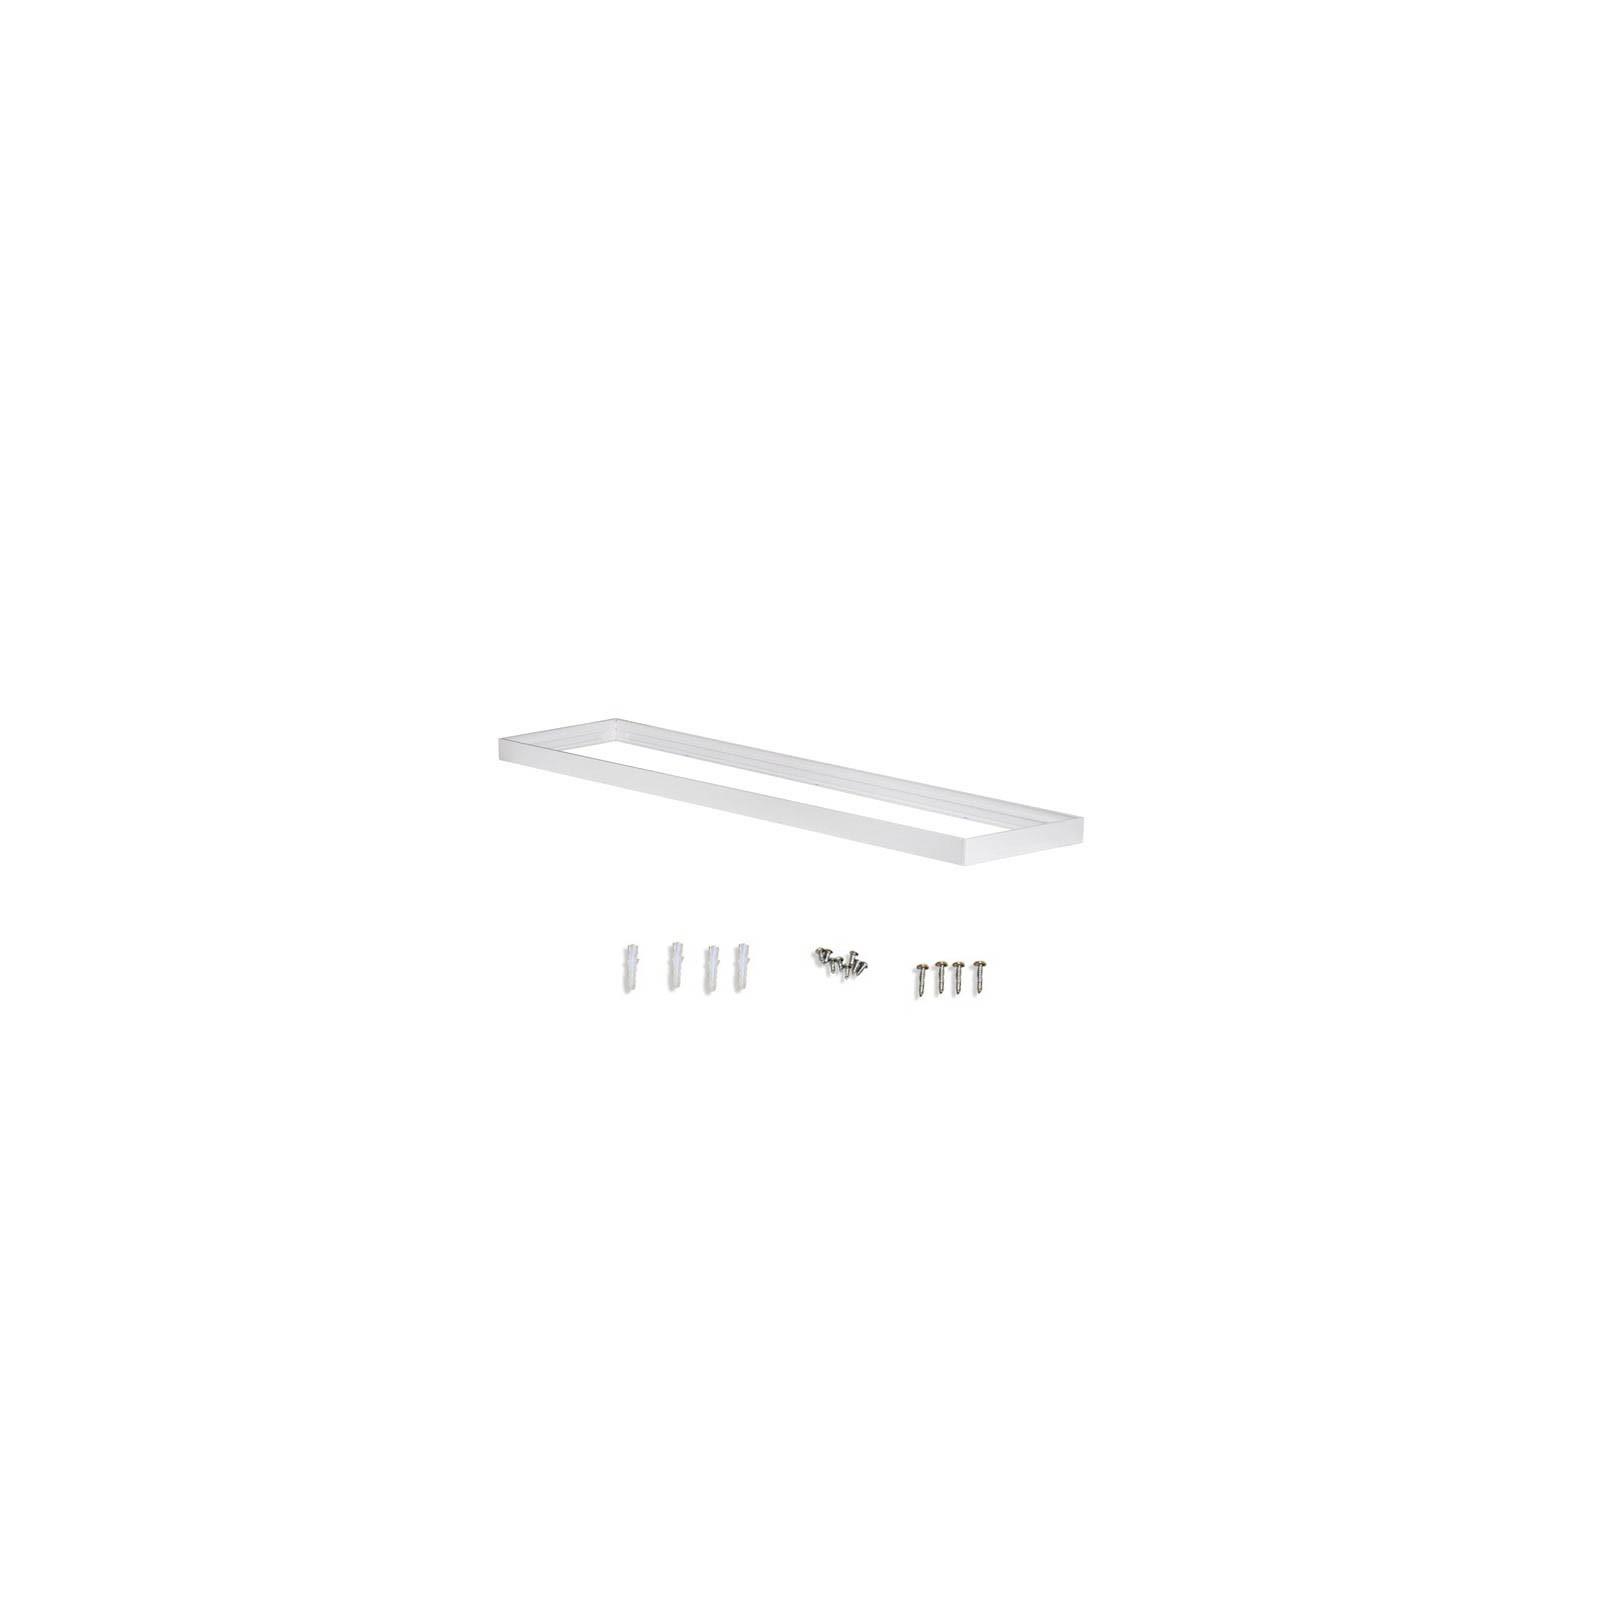 Cadre saillie blanc pour dalle 60x60cm